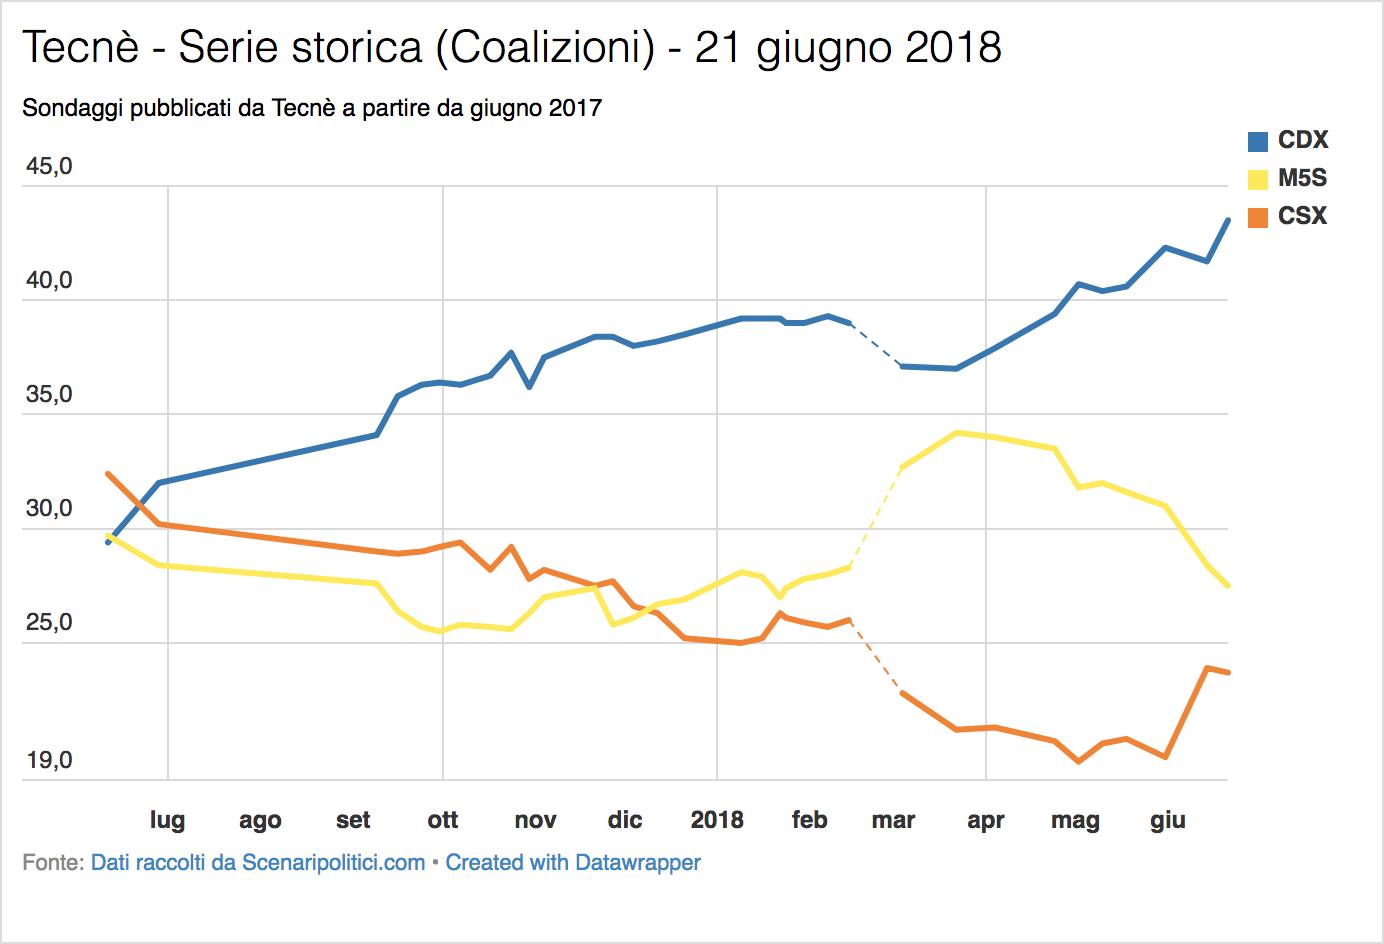 Sondaggio Tecnè (21 giugno 2018)